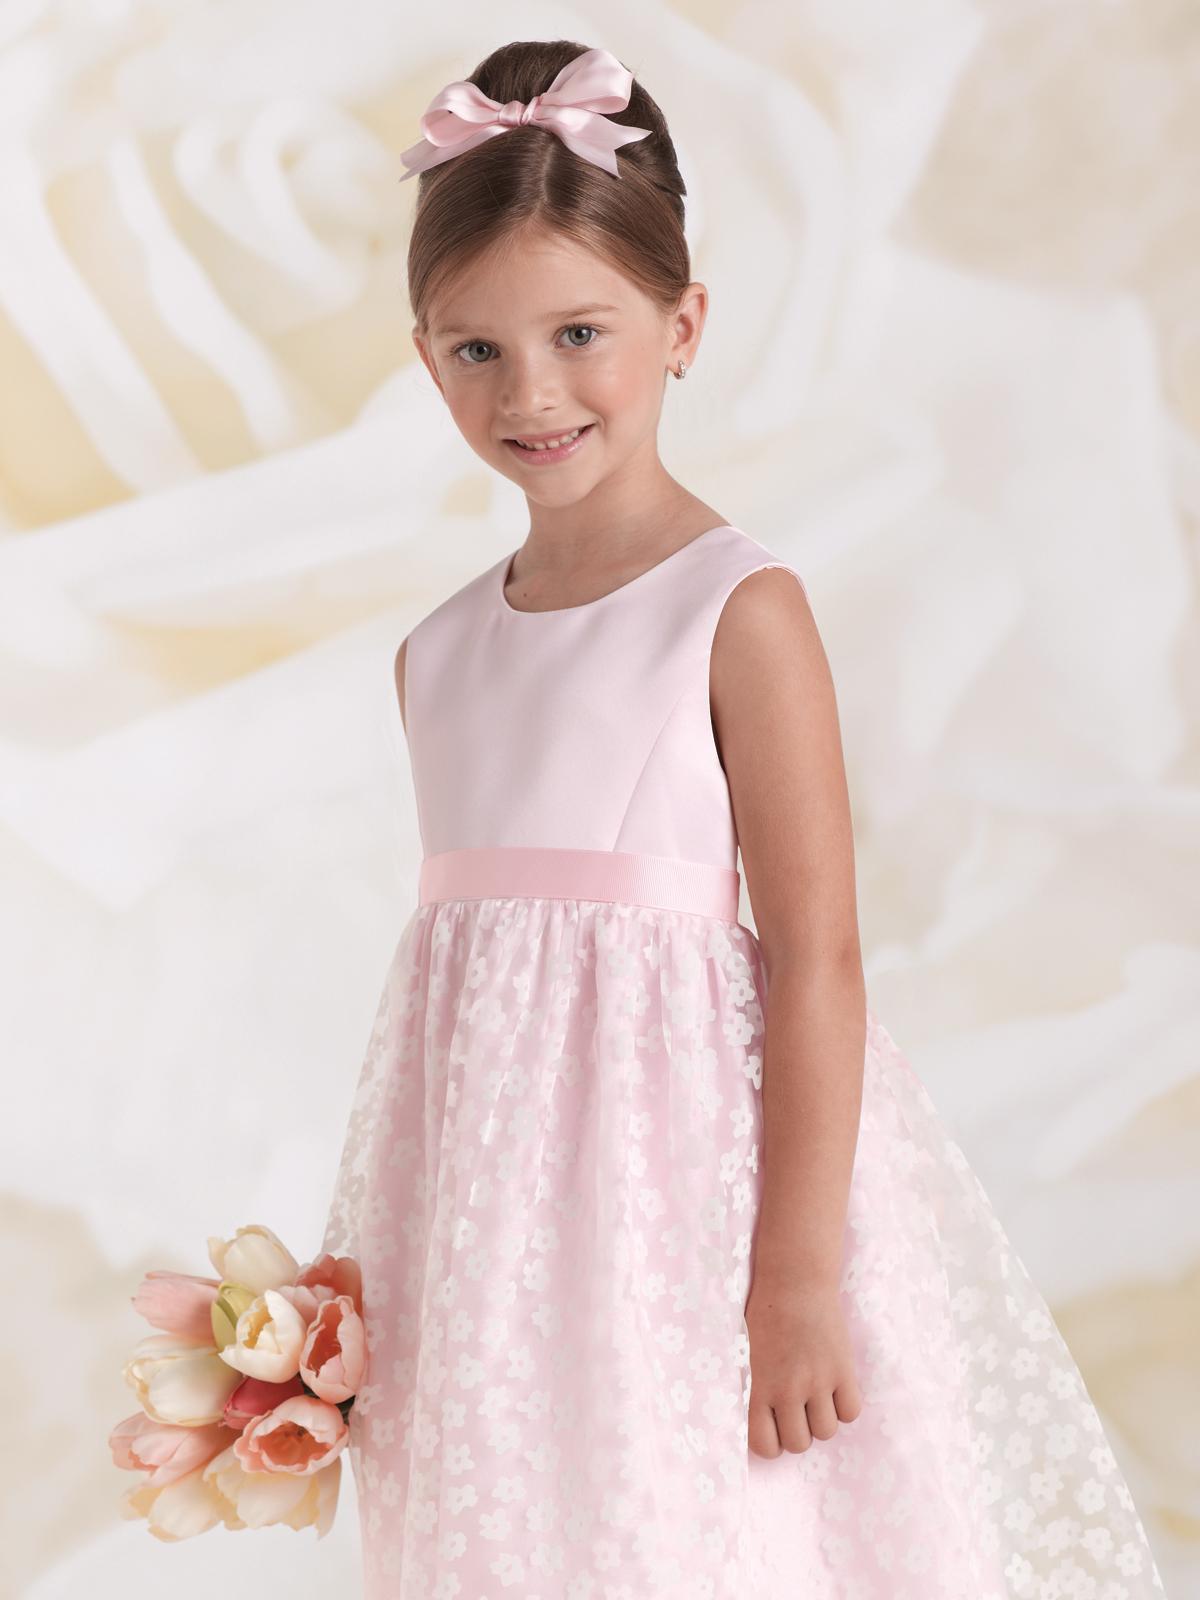 Vestido de Dama corpo regata em cetim com faixa na cintura, saia franzida em tecido com devorê de mini flores bolero avulso de manga curta no mesmo tecido da saia.